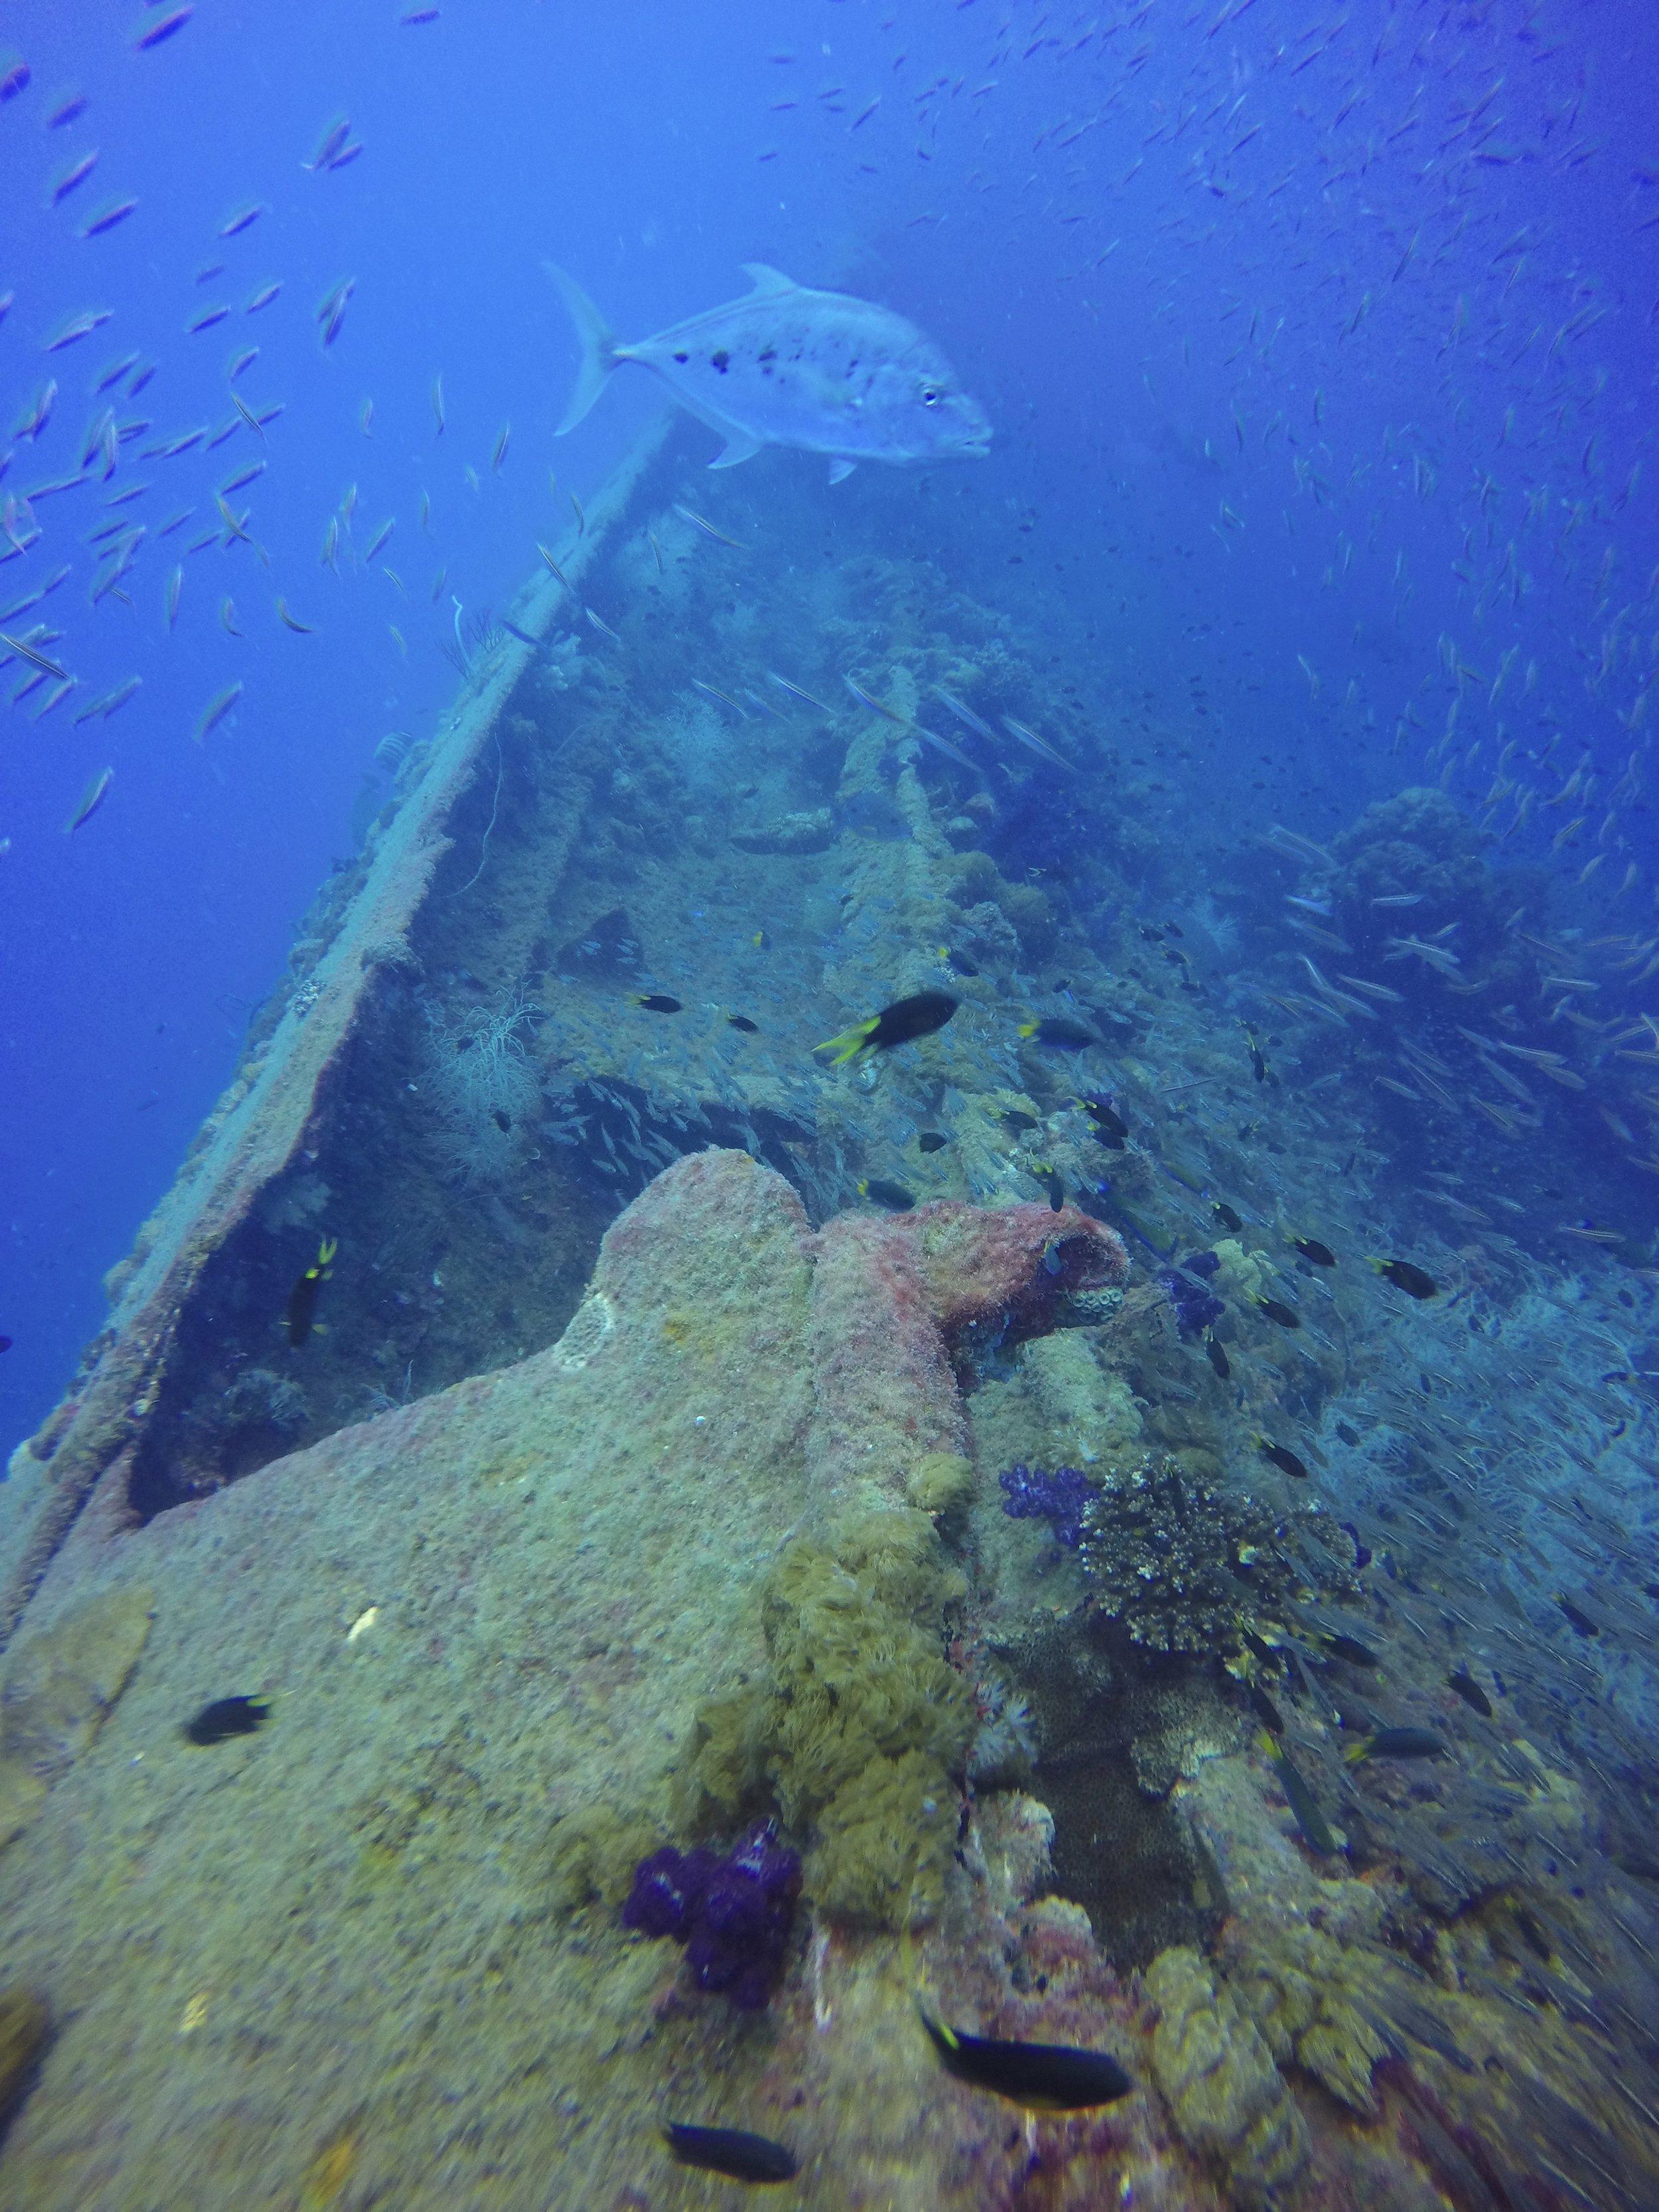 SS Yongala wreck